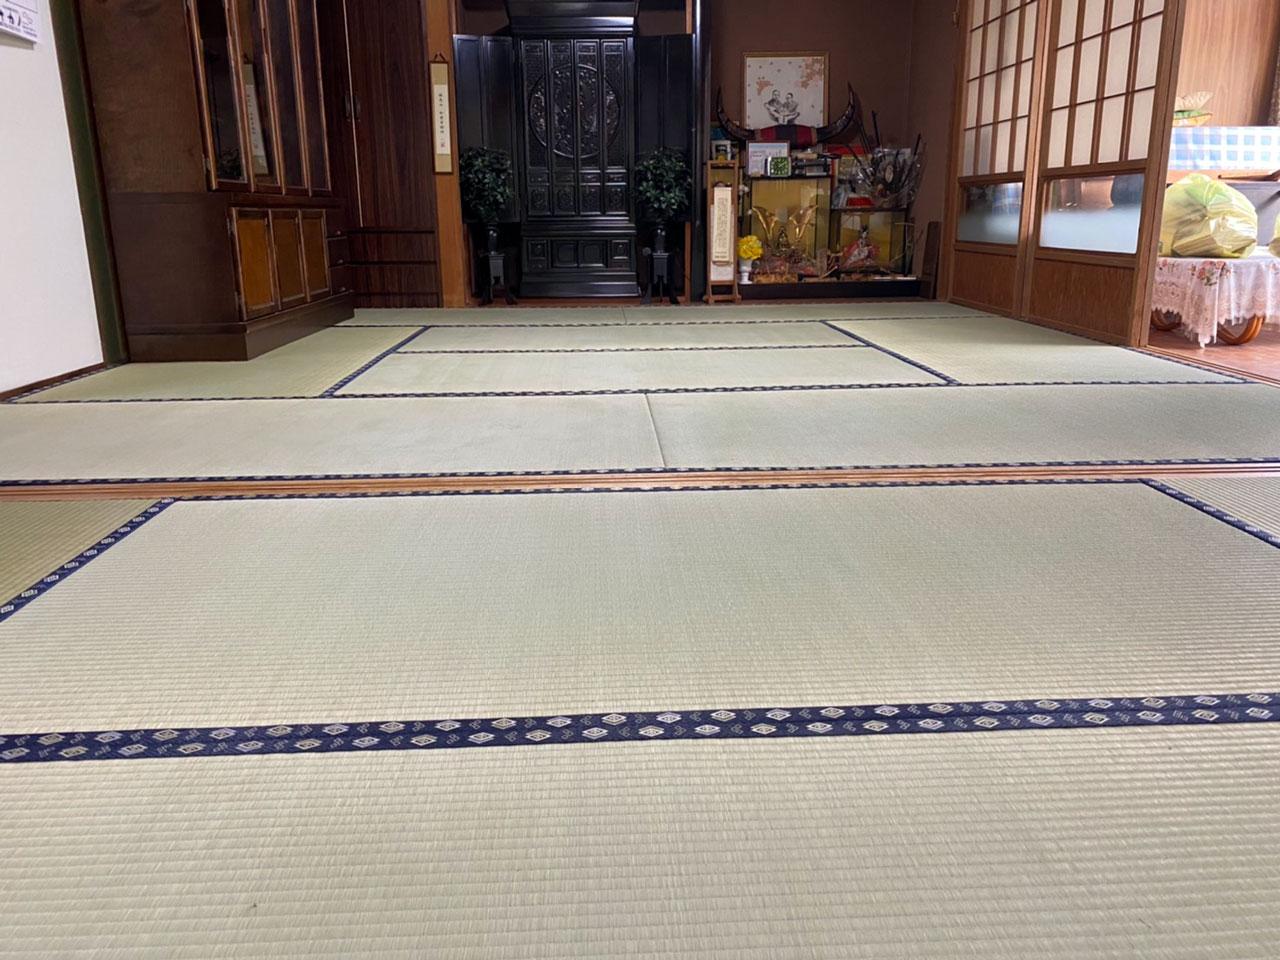 親戚の集まりのための畳の入れ替えのご依頼を頂きました。